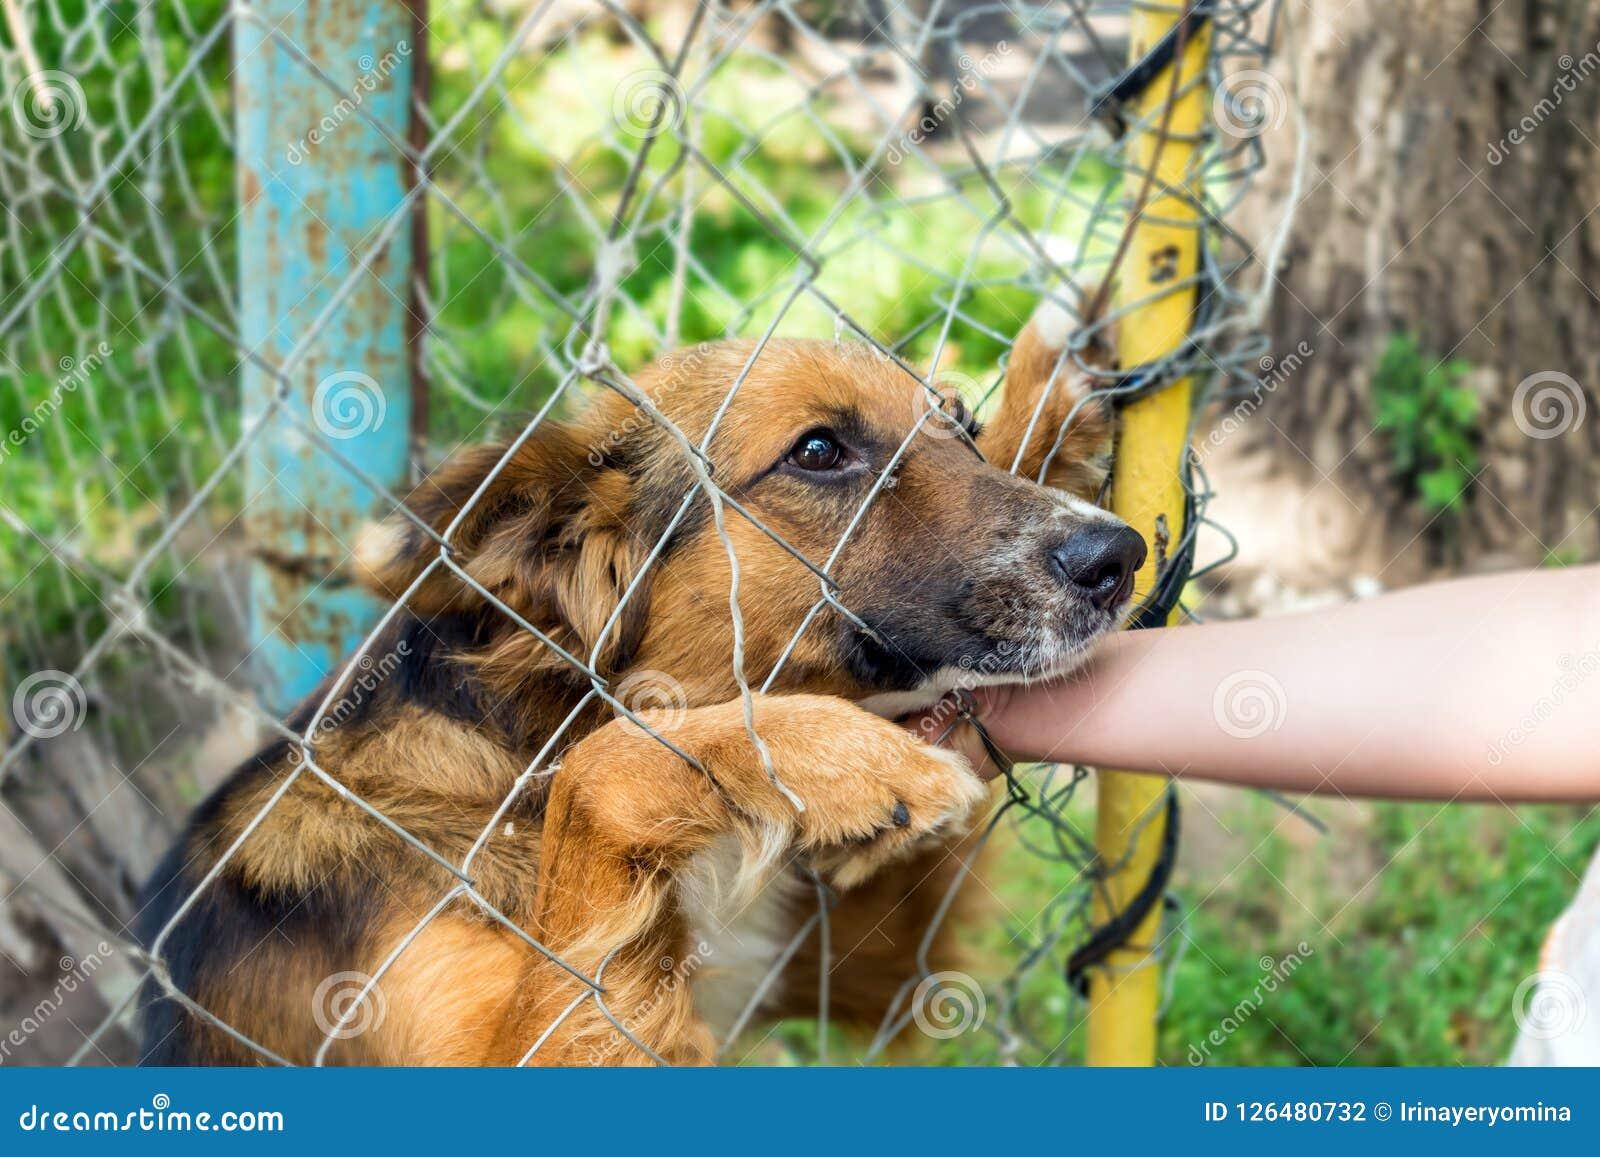 Abrigo animal desabrigado de Outddor Visitante feliz s do cão triste do híbrido